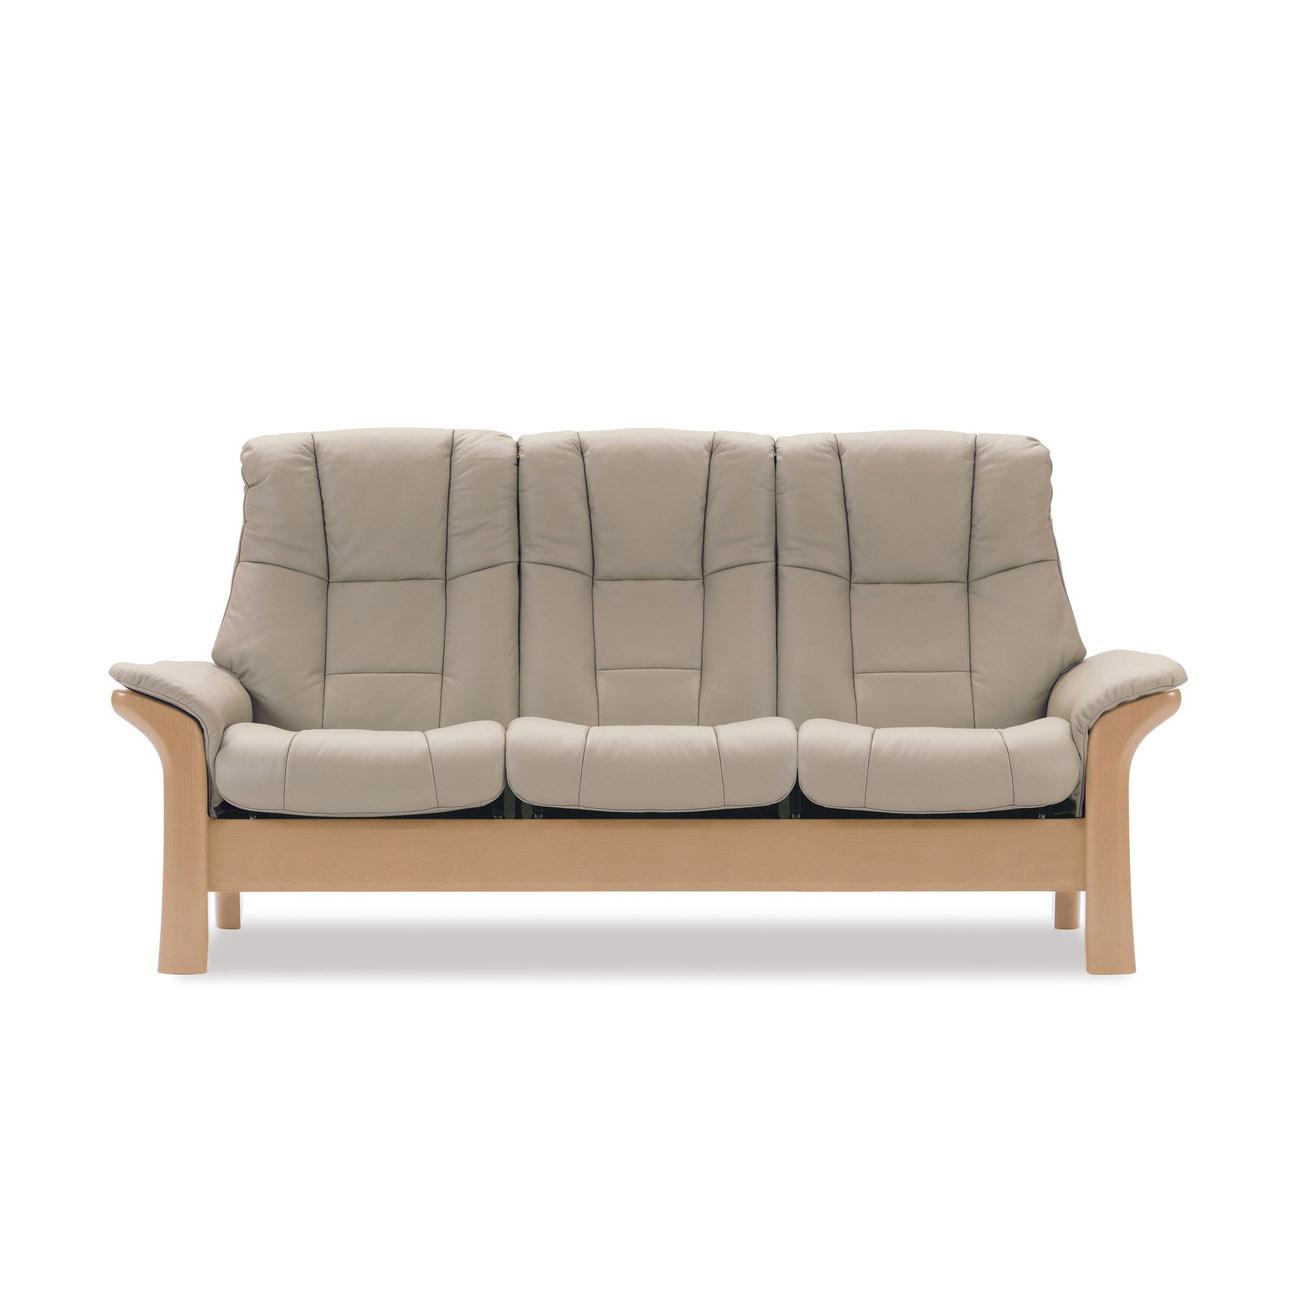 Stressless Windsor High Back Sofa – Scandesigns Furniture Inside Windsor Sofas (View 12 of 15)